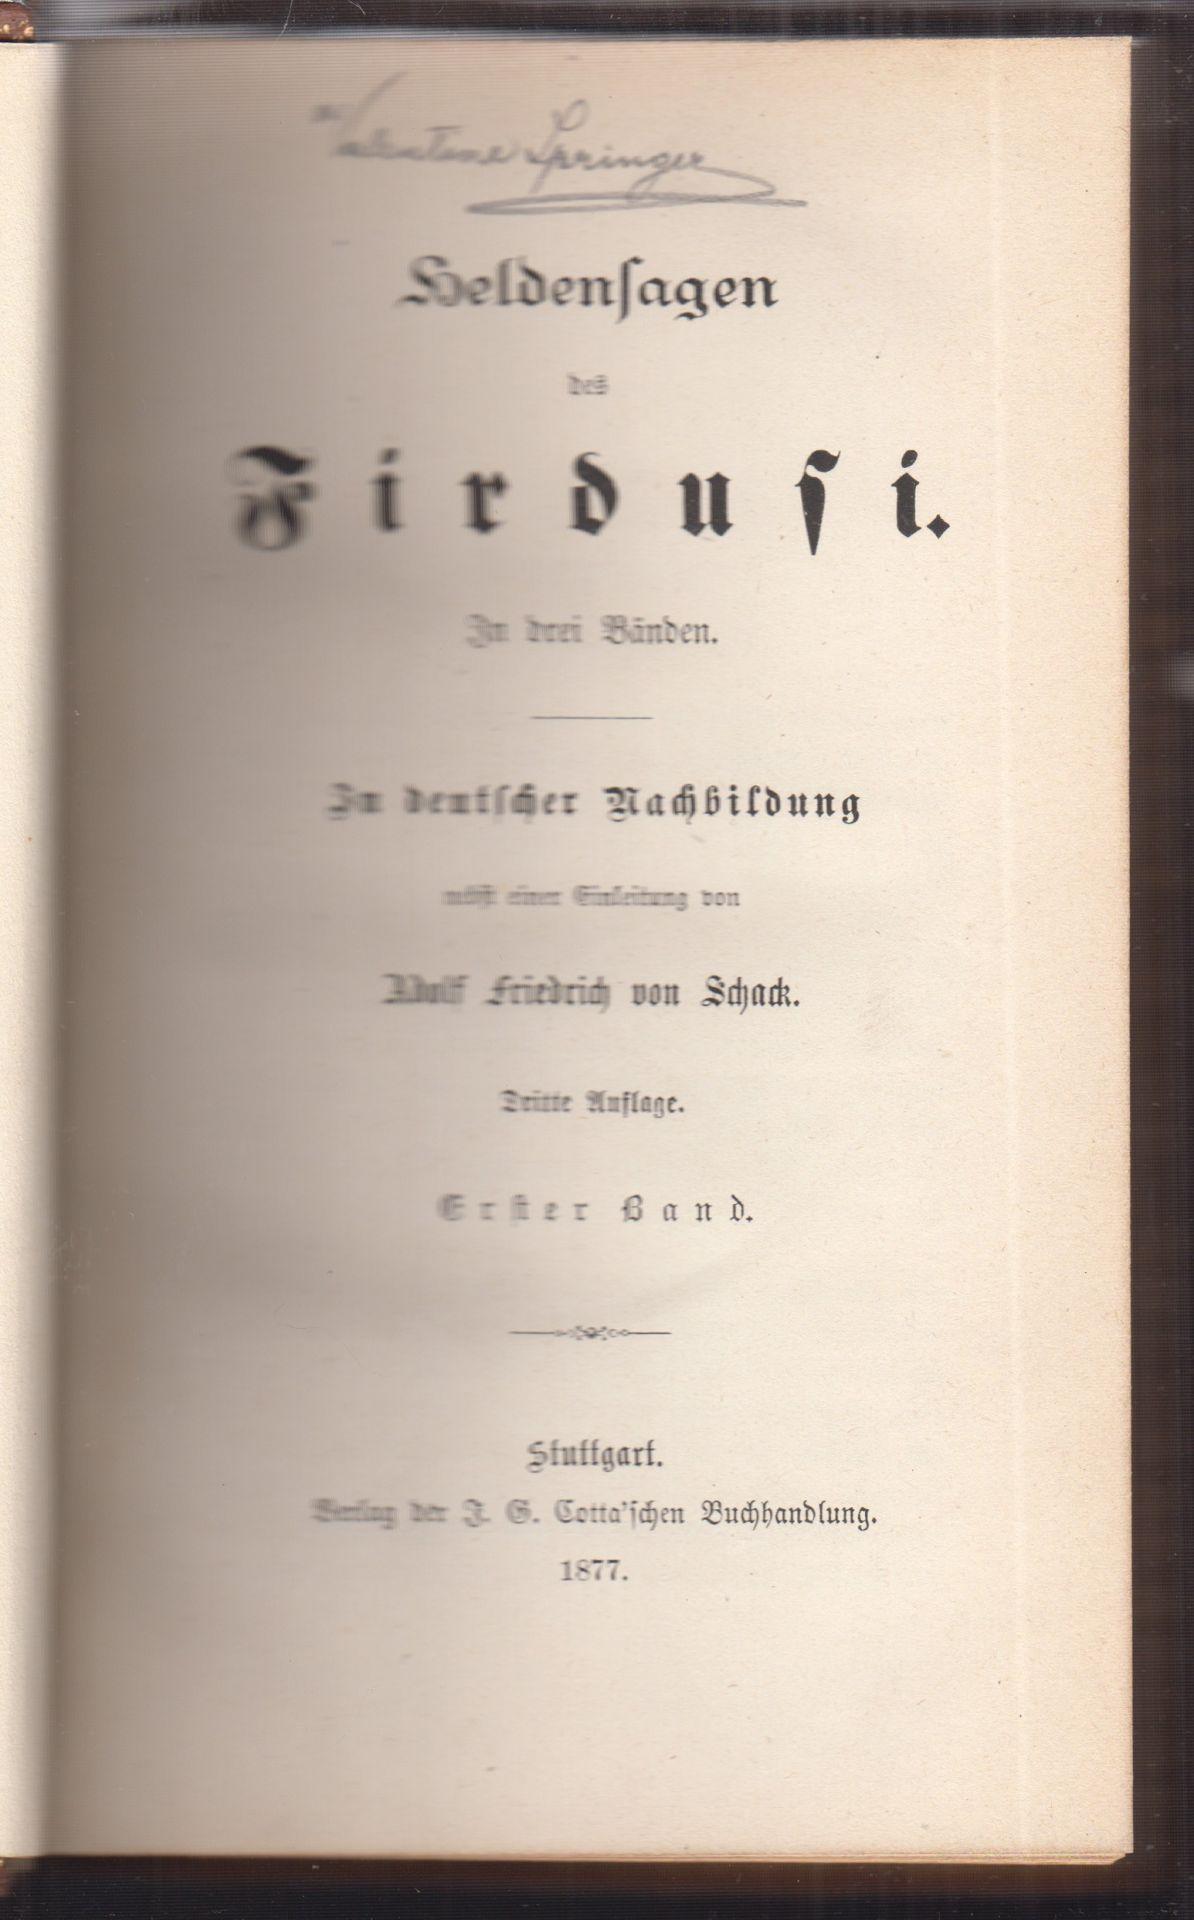 Heldensagen des Firdusi. In deutscher Nachbildung nebst einer Einleitung von Adolf Friedrich von Schack.